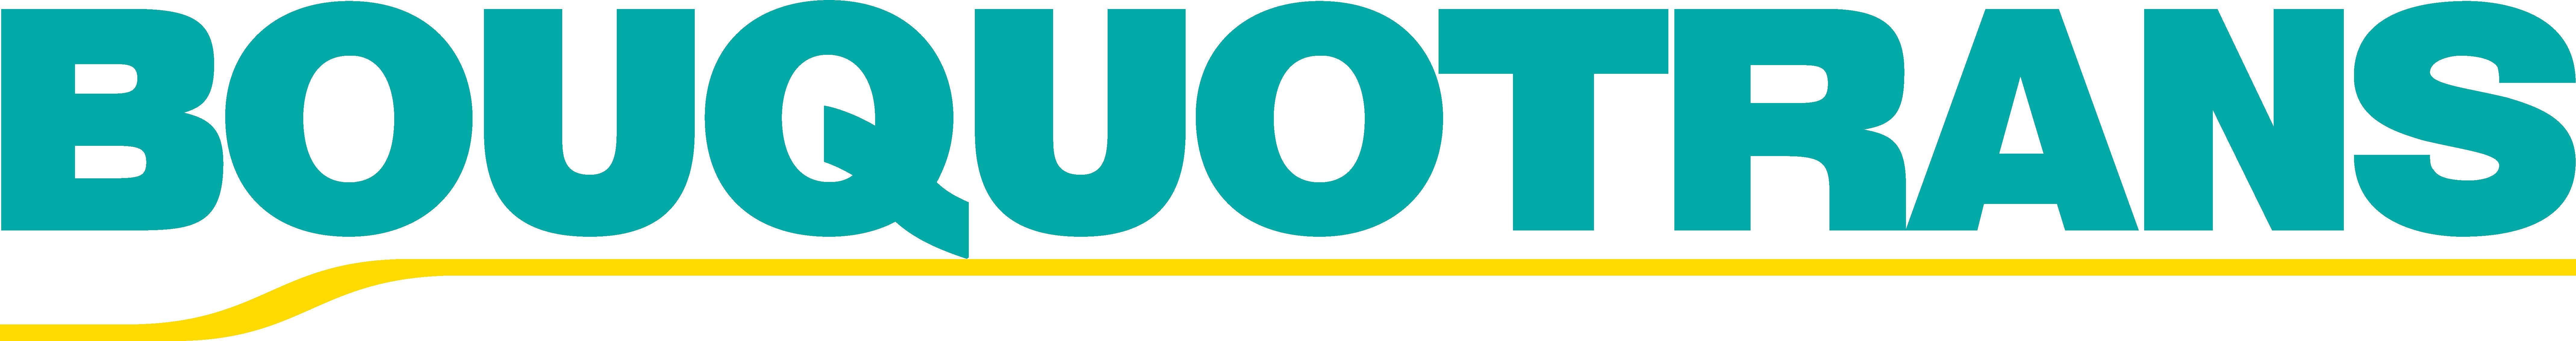 logo de la filiale Bouquotrans